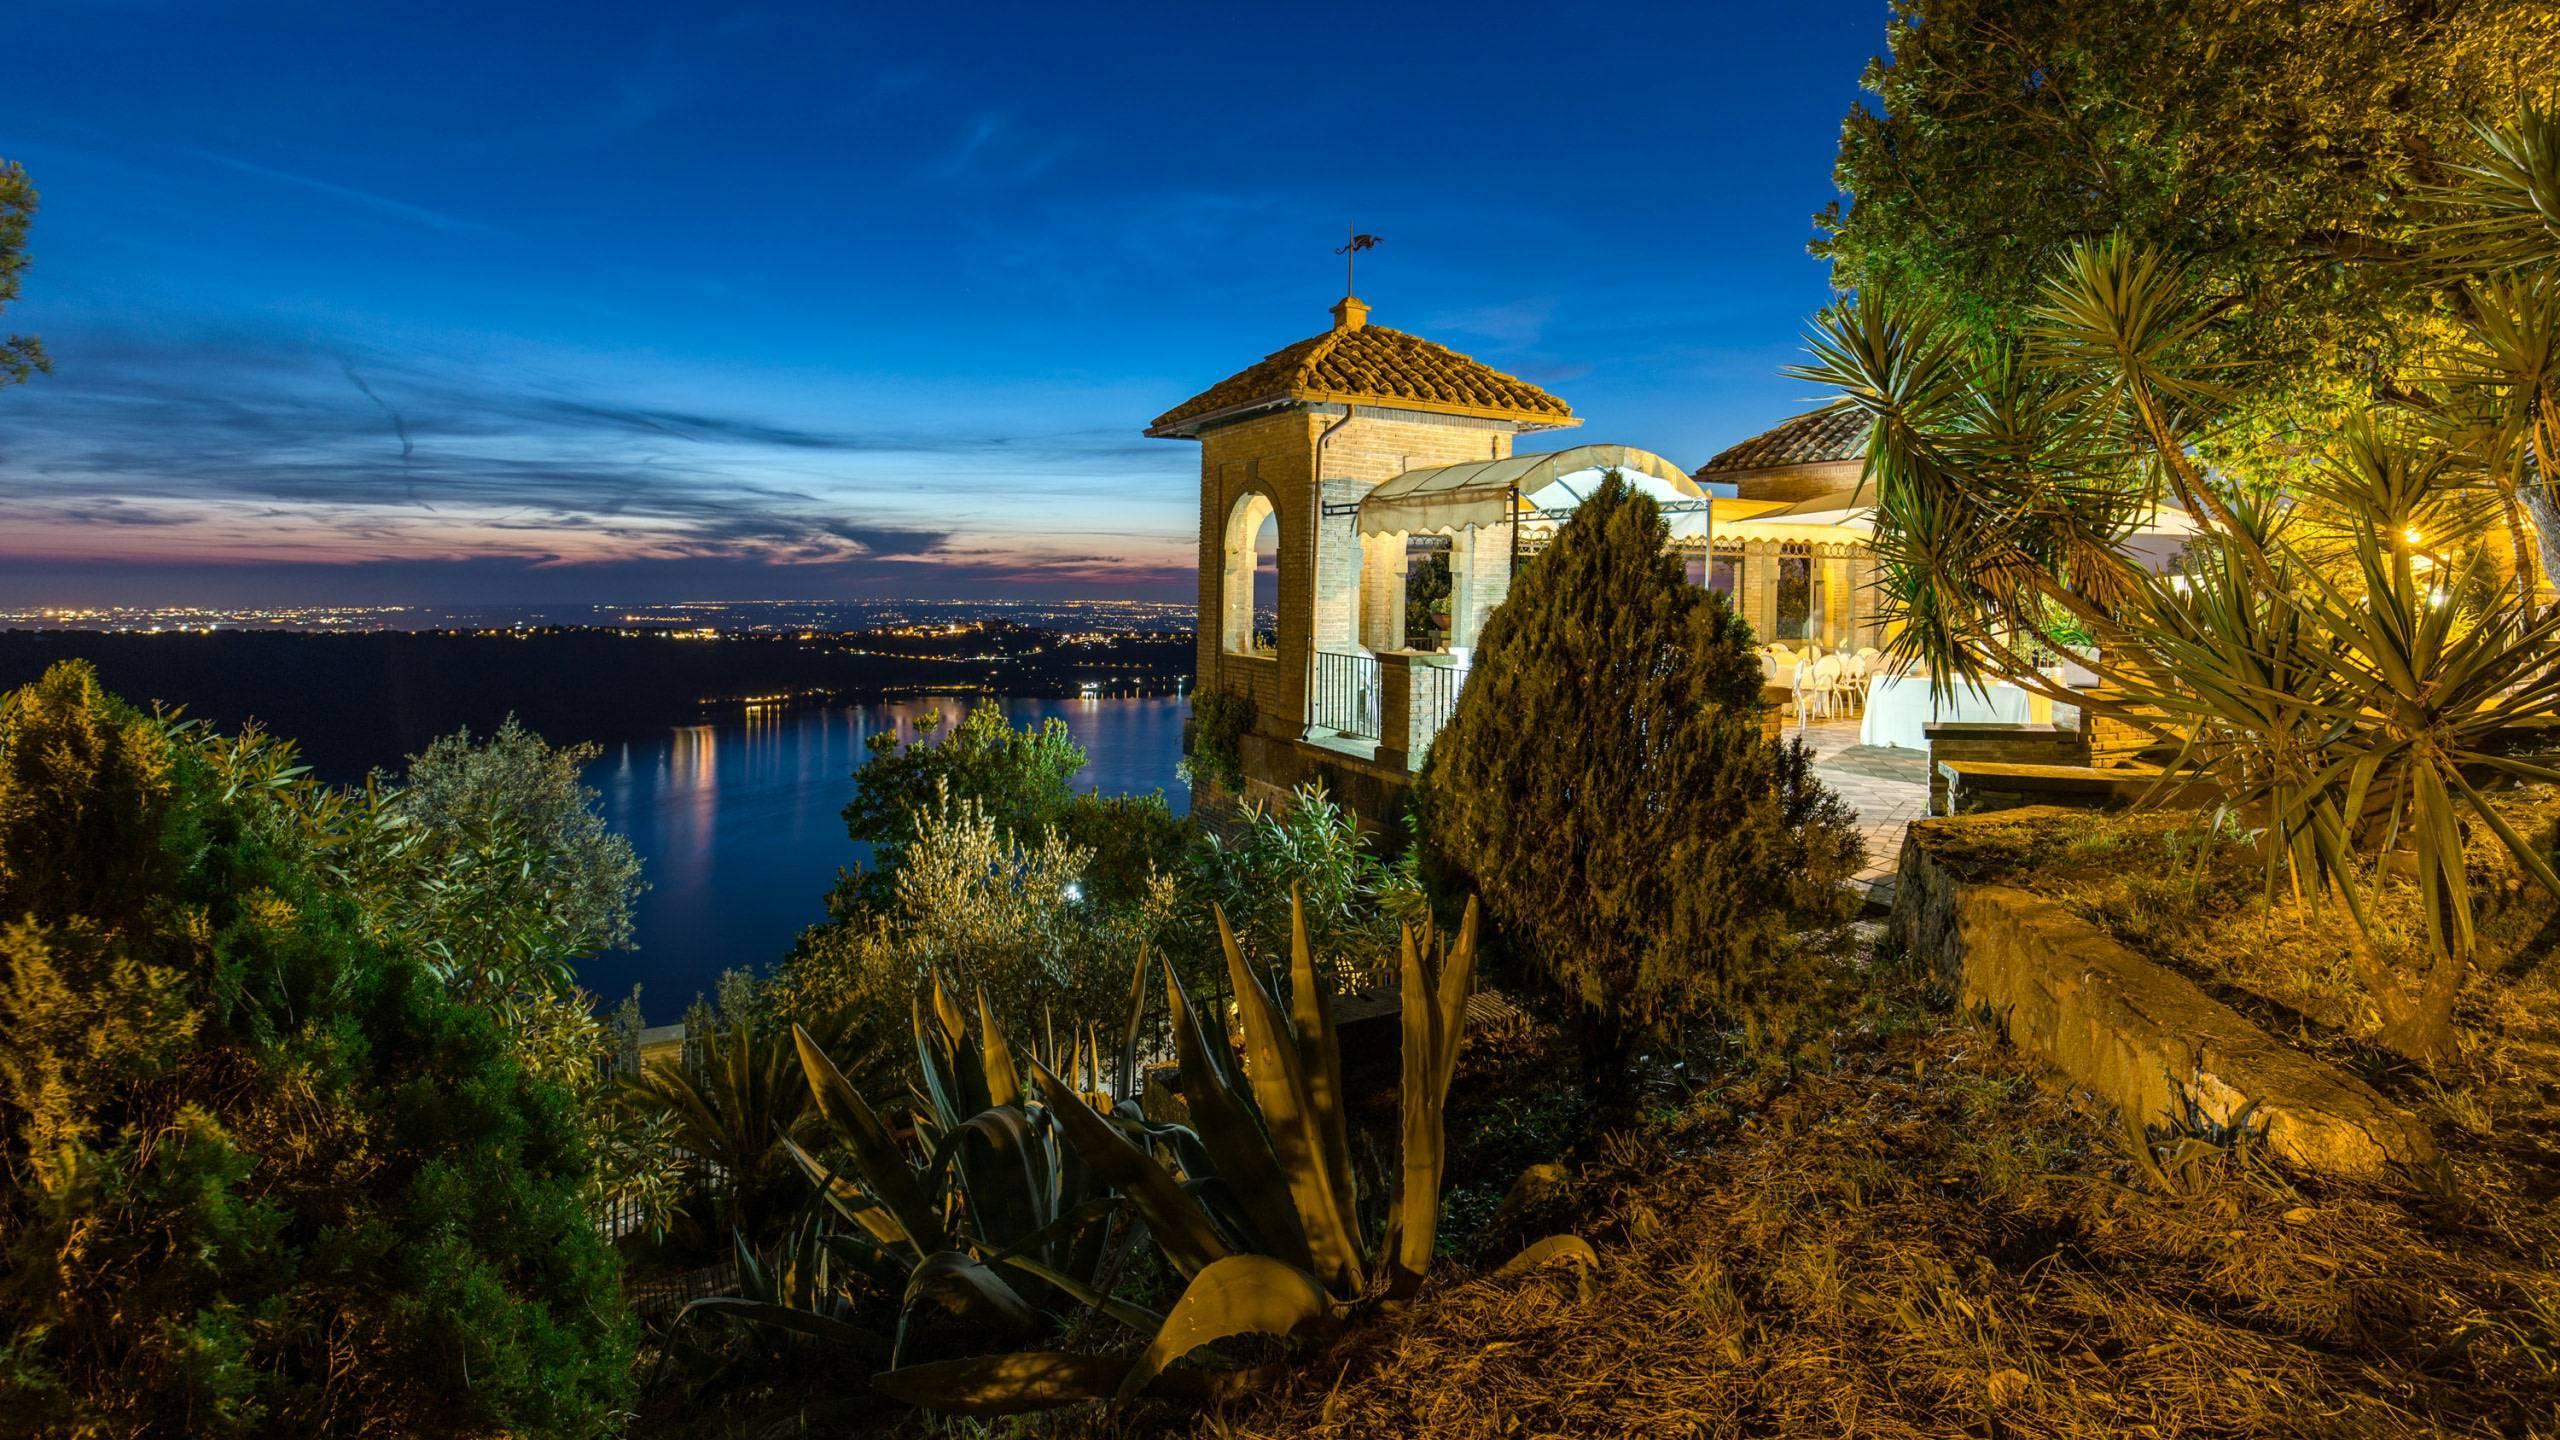 villa-del-cardinale-lago-castel-gandolfo2